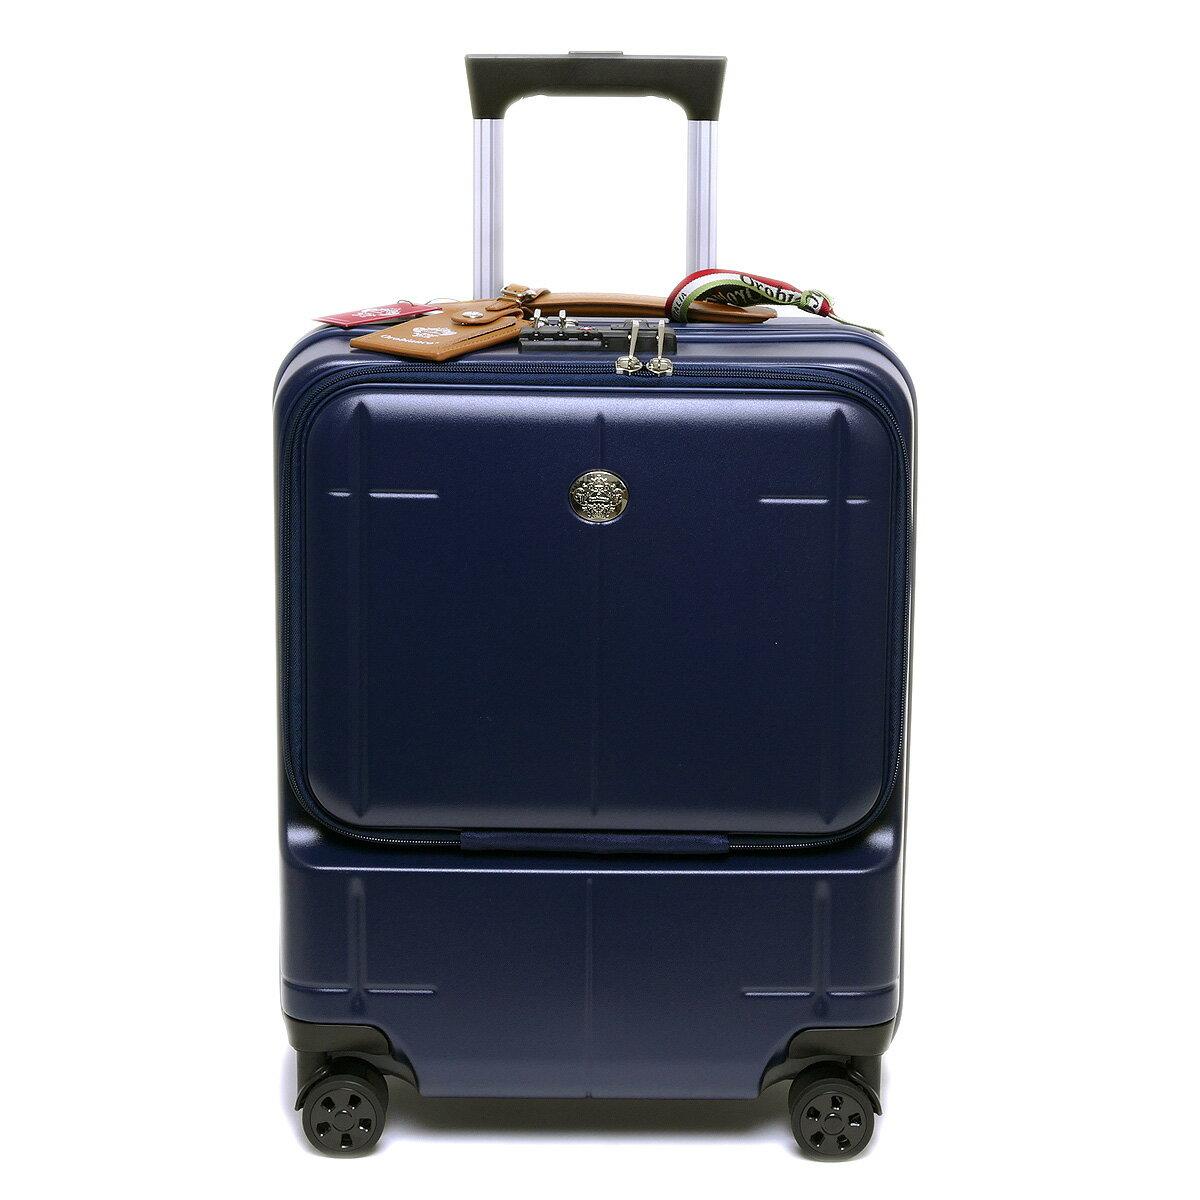 オロビアンコ【国内正規品】 スーツケース ARZILLO アルズィーロ 縦型 ネイビー OROBIANCO